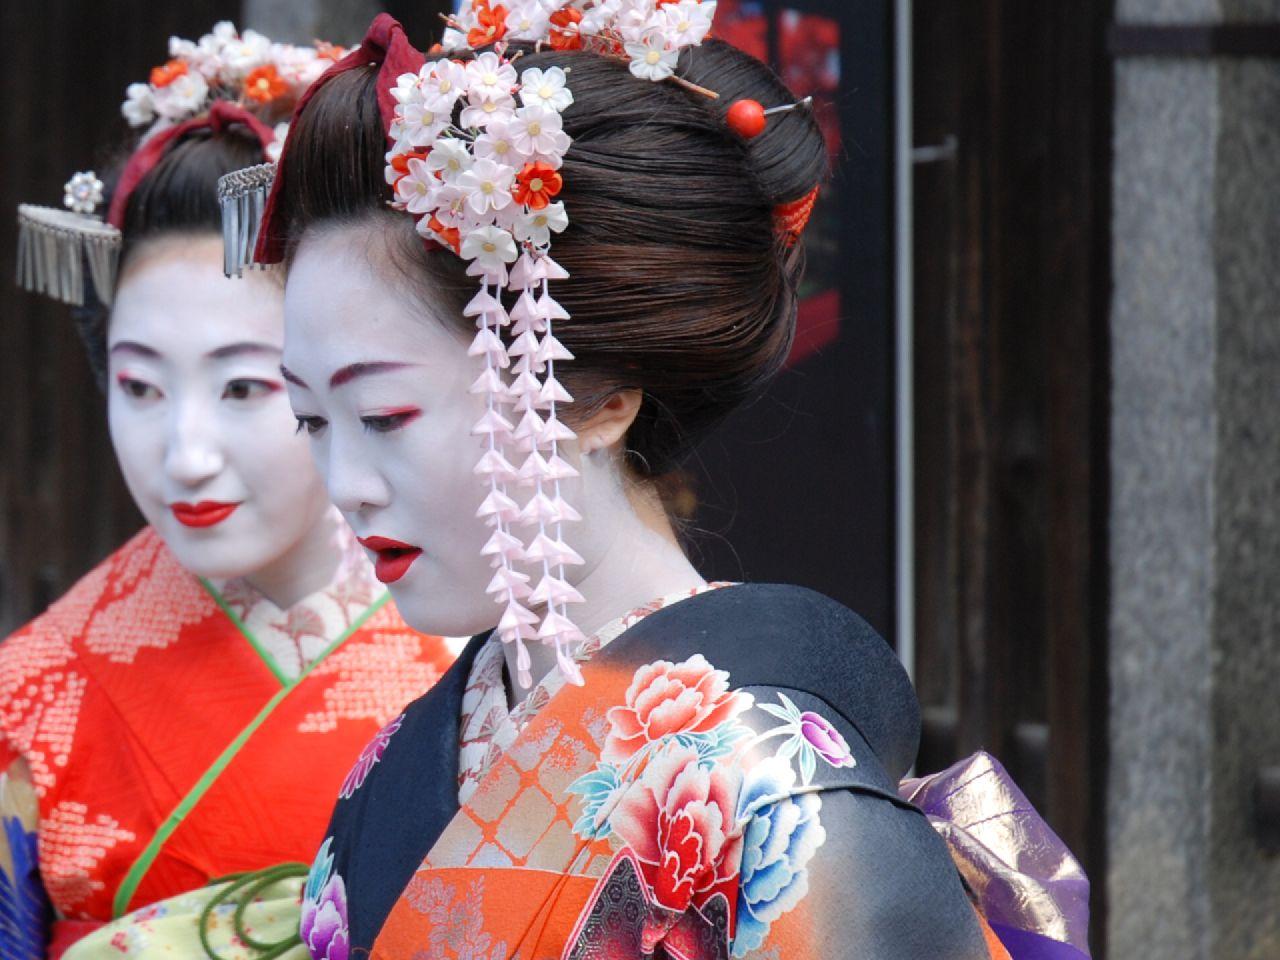 Geisha Coleccin de imgenes y fotos 6804 geisha